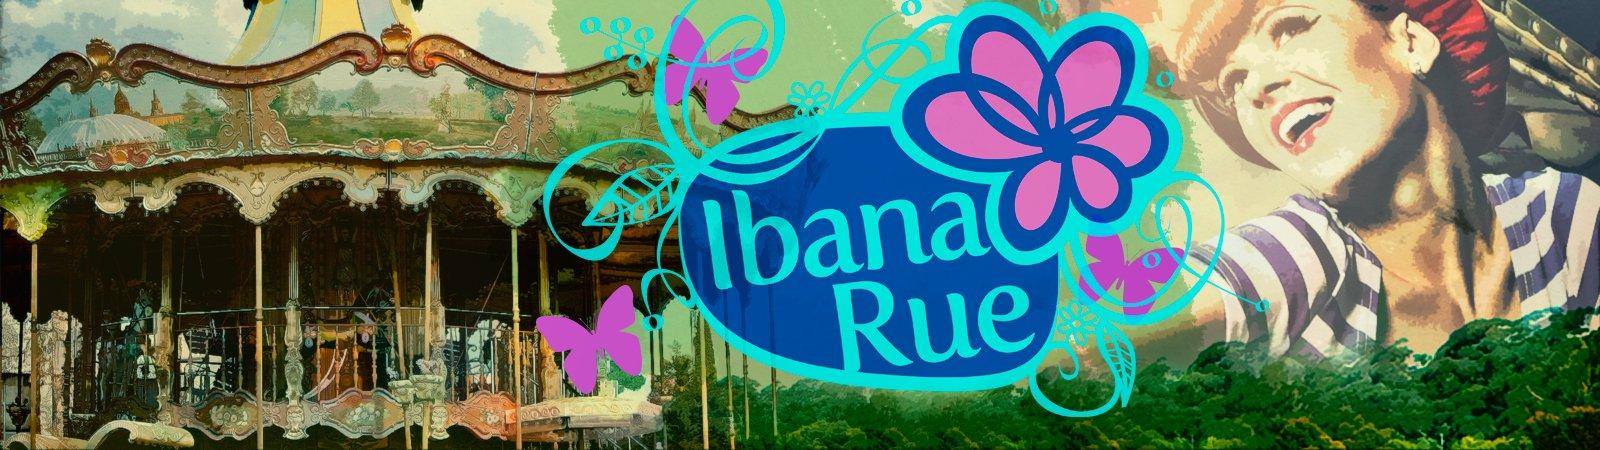 Ibana Rue,ropa en viabana valladolid,ralladolid,bolsos, bolso de tela, collares, complementos y modo